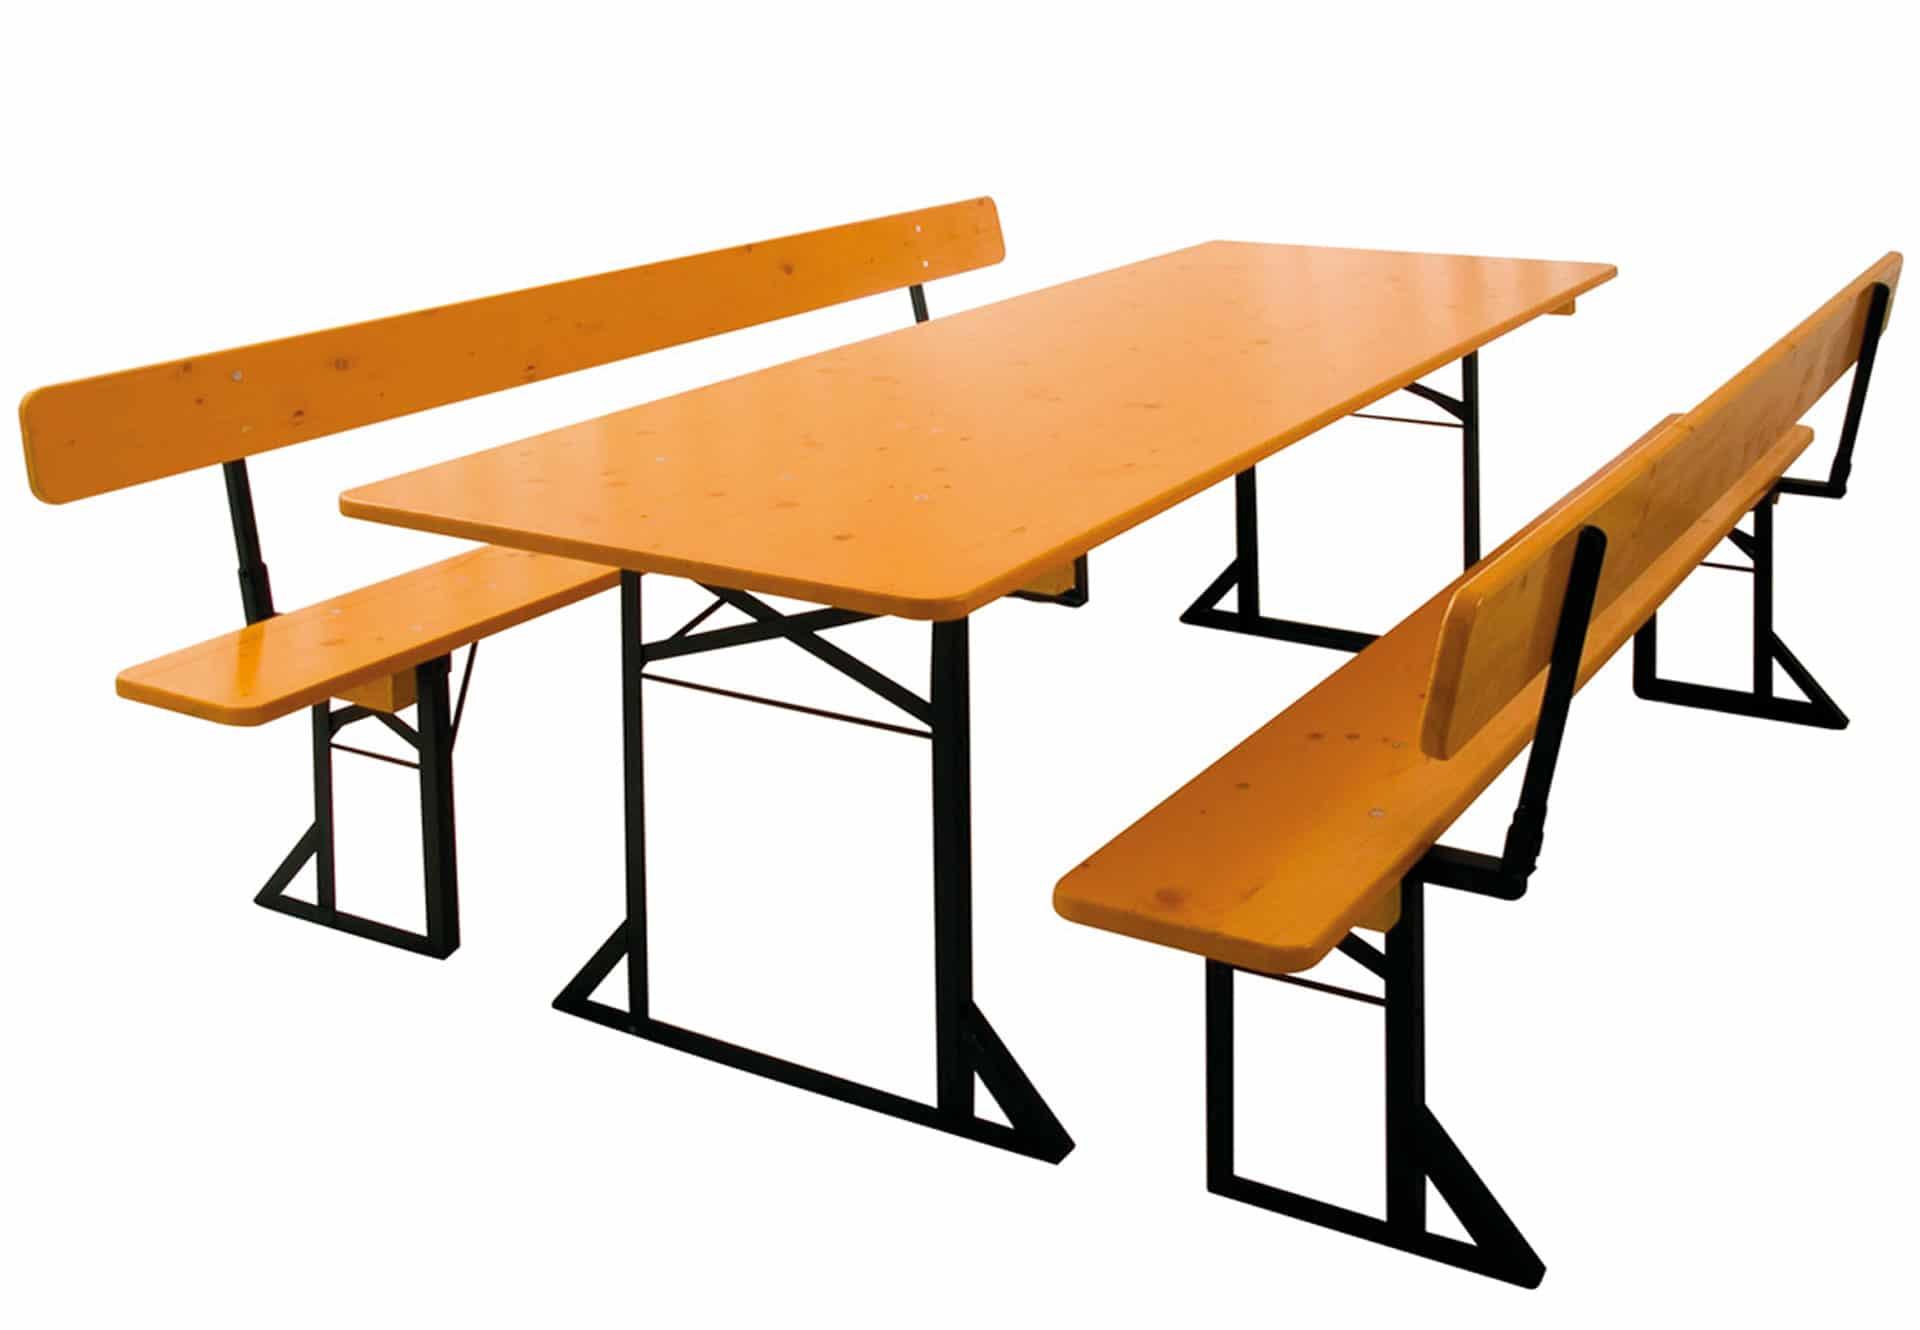 Ferramenta Per Panche Pieghevoli.Tavoli Panche E Sedie Pieghevoli I Modelli Qualyline